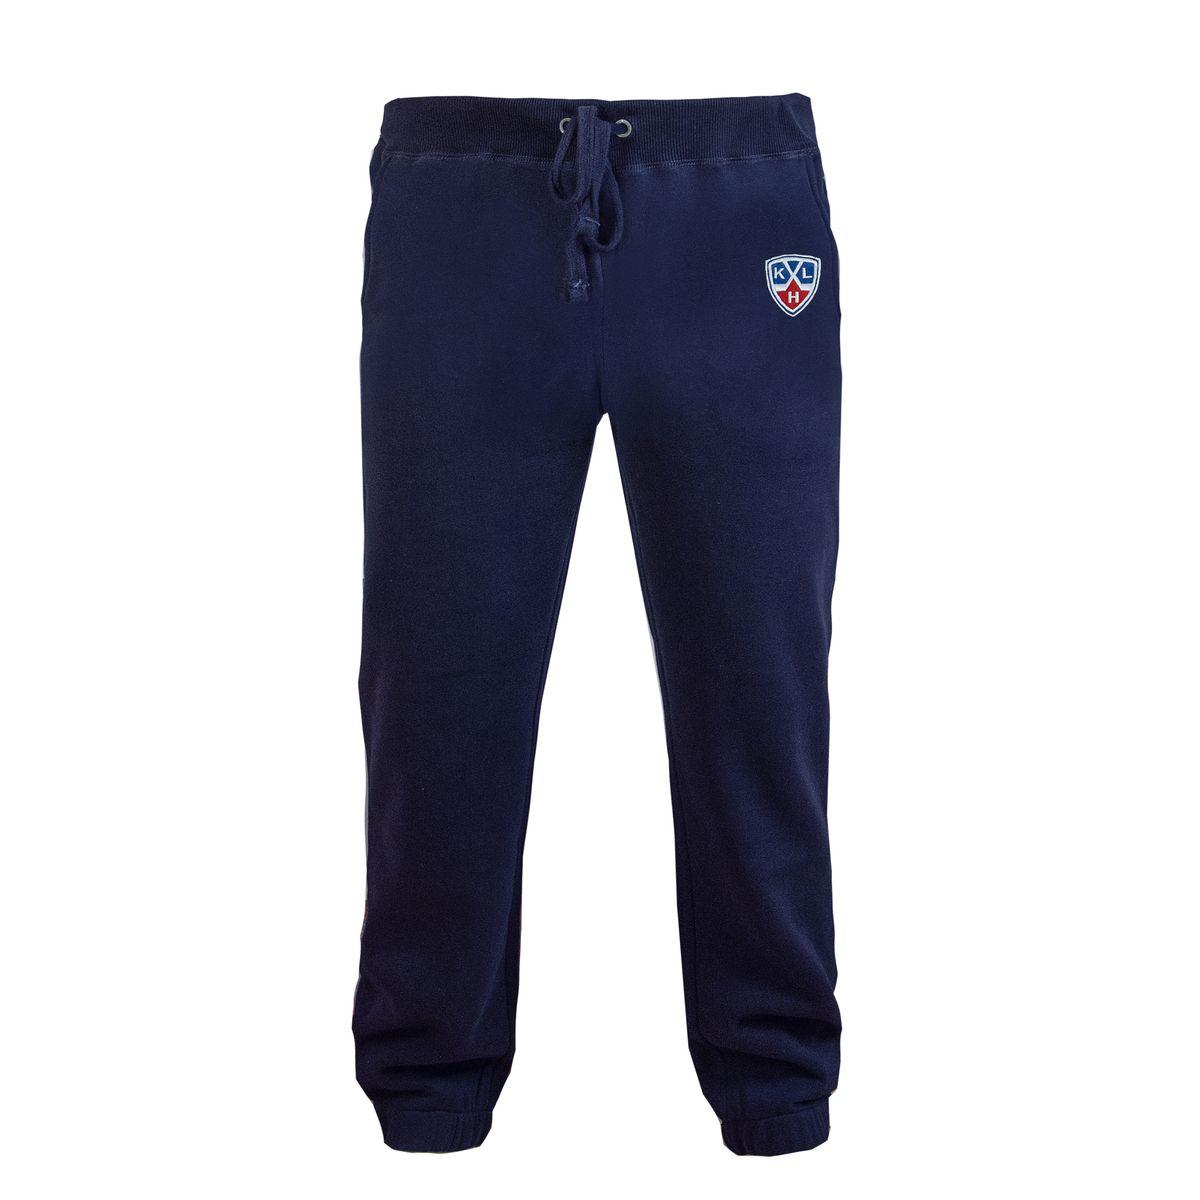 Брюки спортивные детские КХЛ, цвет: темно-синий. 322020. Размер 42322020Спортивные брюки КХЛ с символикой клуба. Изготовлены из плотного трикотажа с мягкой ворсистой внутренней стороной. Дополнены двумя боковыми карманами и вышивкой.